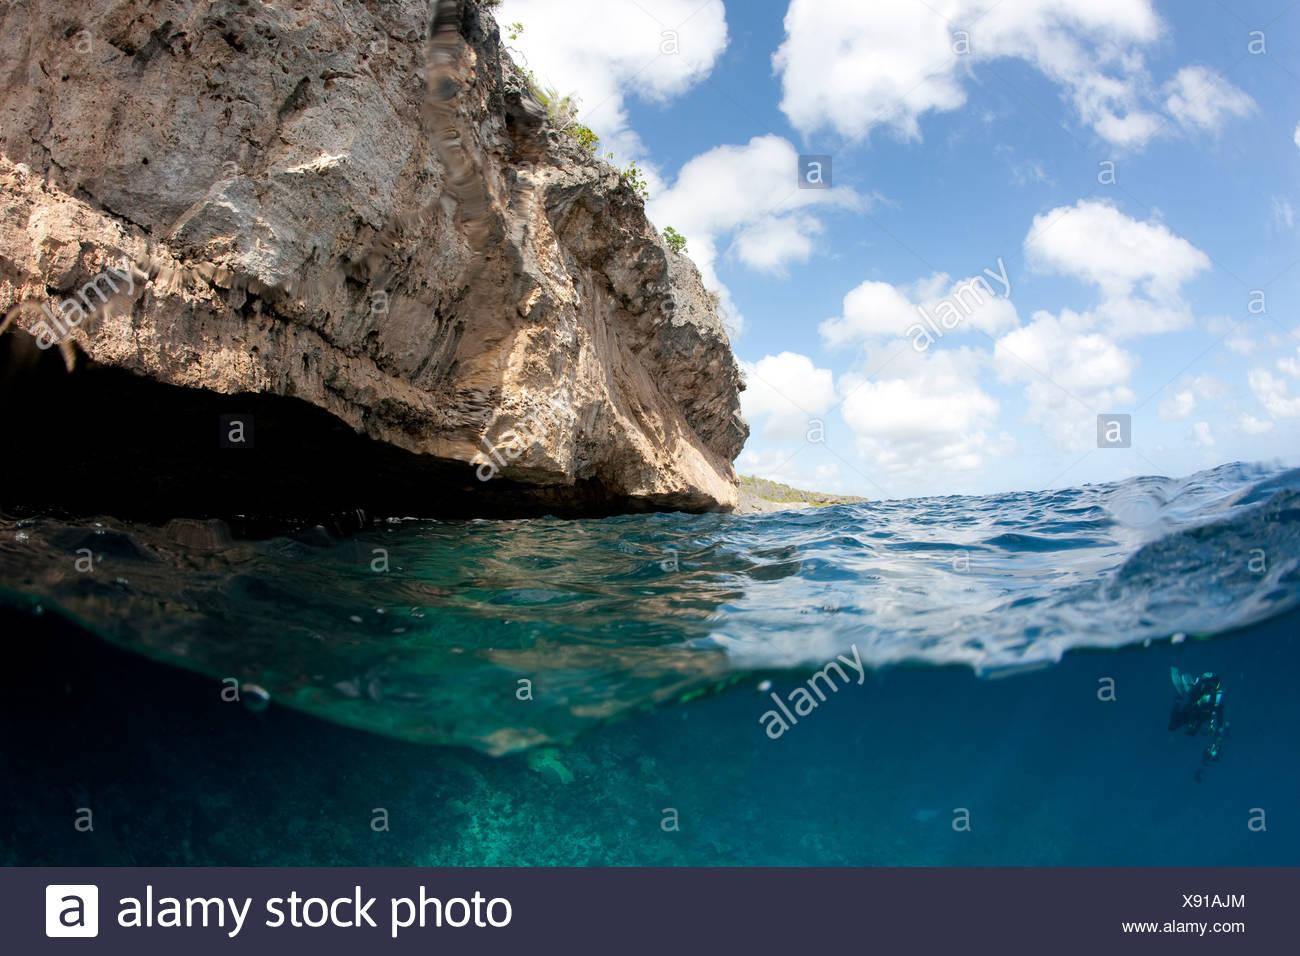 De vista dividida por encima y debajo del agua, Bonaire, Antillas Neerlandesas. Foto de stock